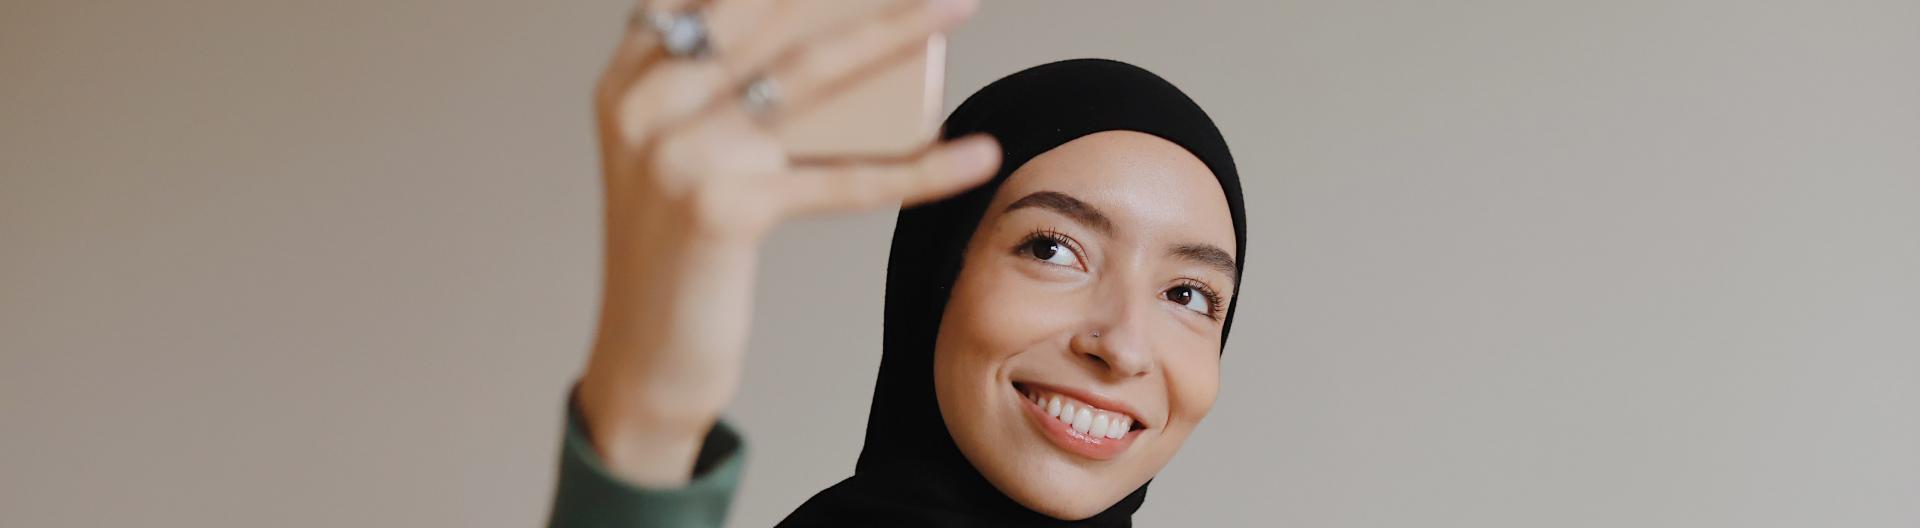 Eine junge Frau mit Kopftuch lächelt in ihr Smartphone